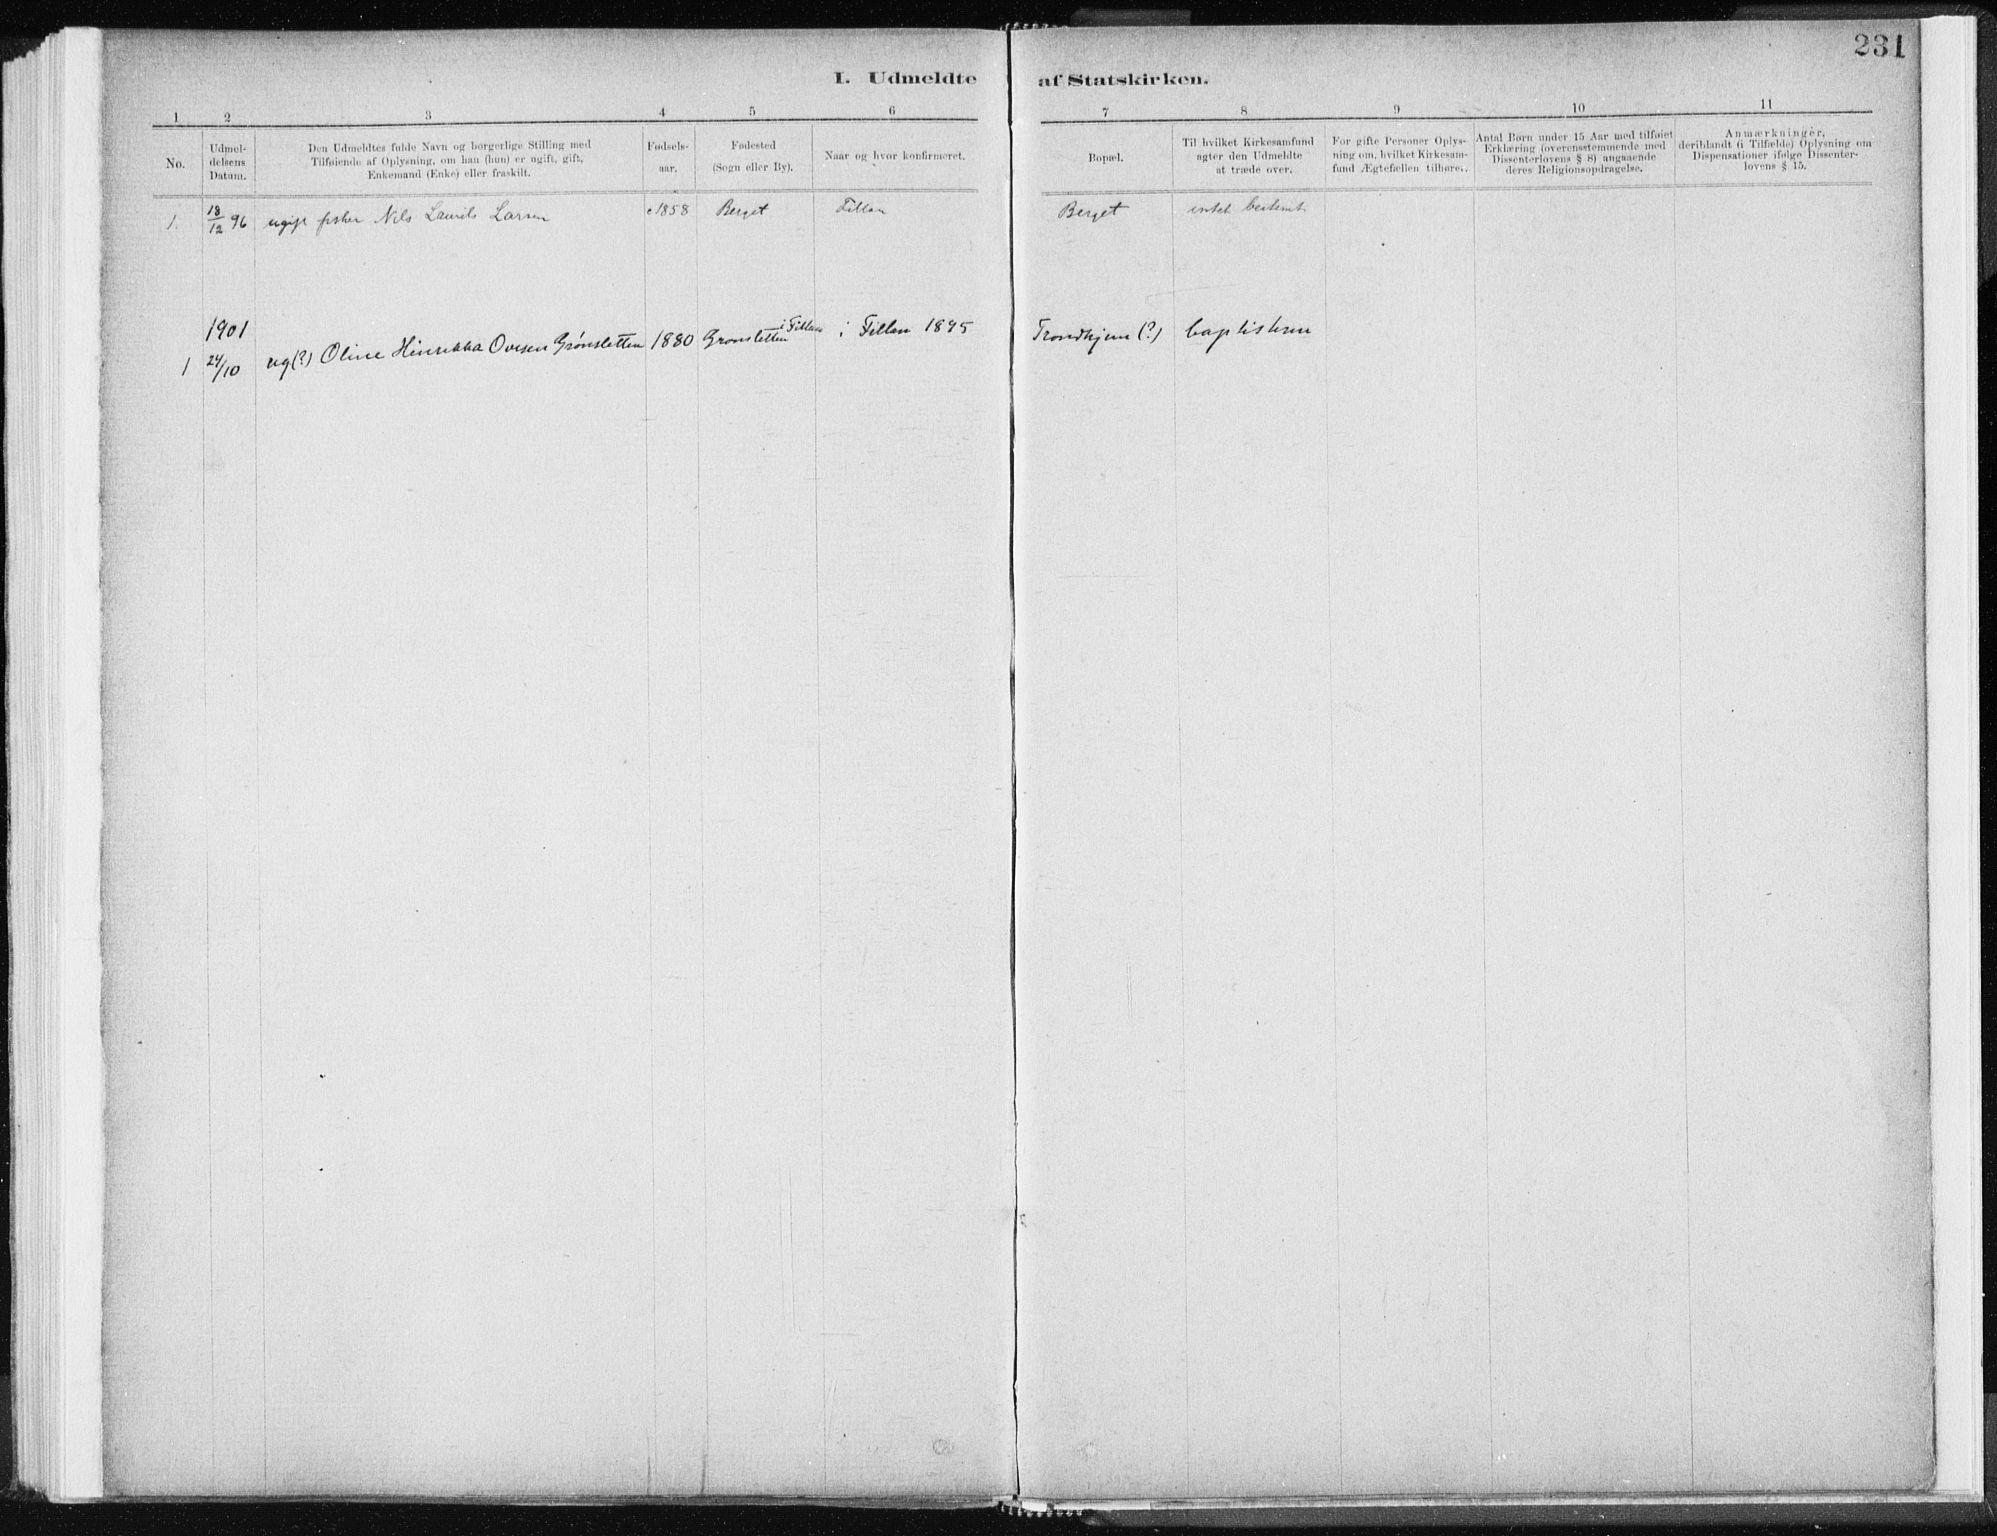 SAT, Ministerialprotokoller, klokkerbøker og fødselsregistre - Sør-Trøndelag, 637/L0558: Ministerialbok nr. 637A01, 1882-1899, s. 231